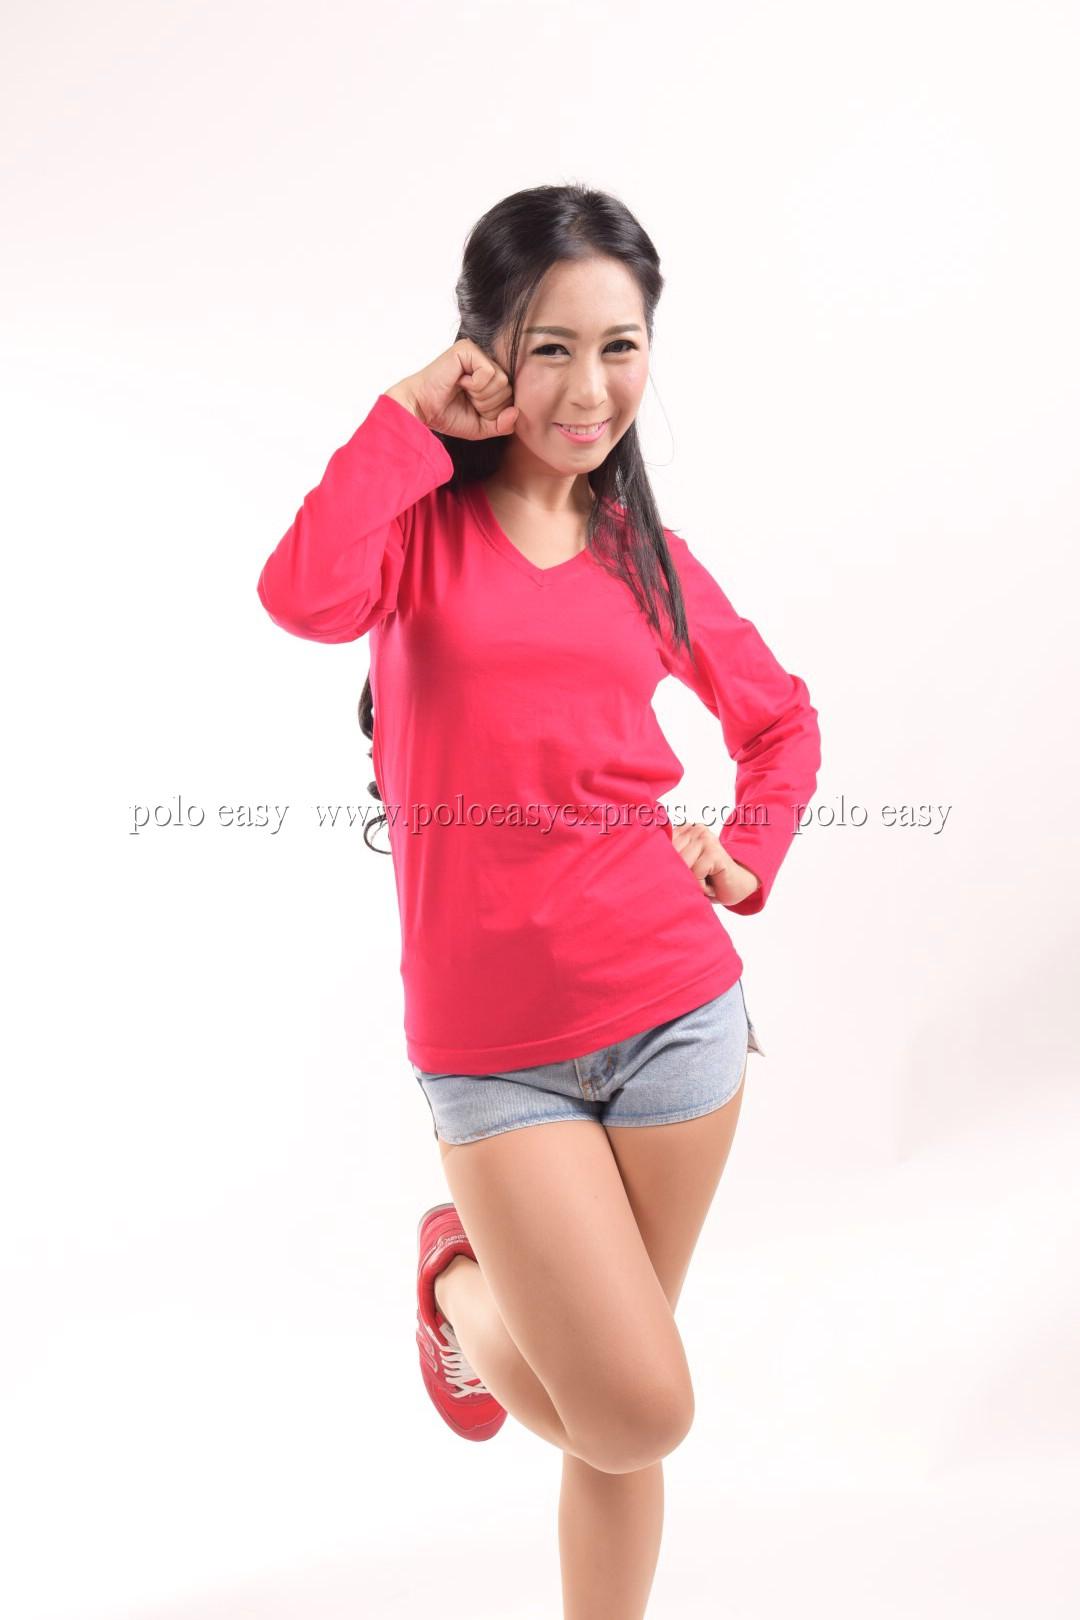 เสื้อยืด สีชมพูบานเย็น คอวี แขนยาว Size L สำเนา